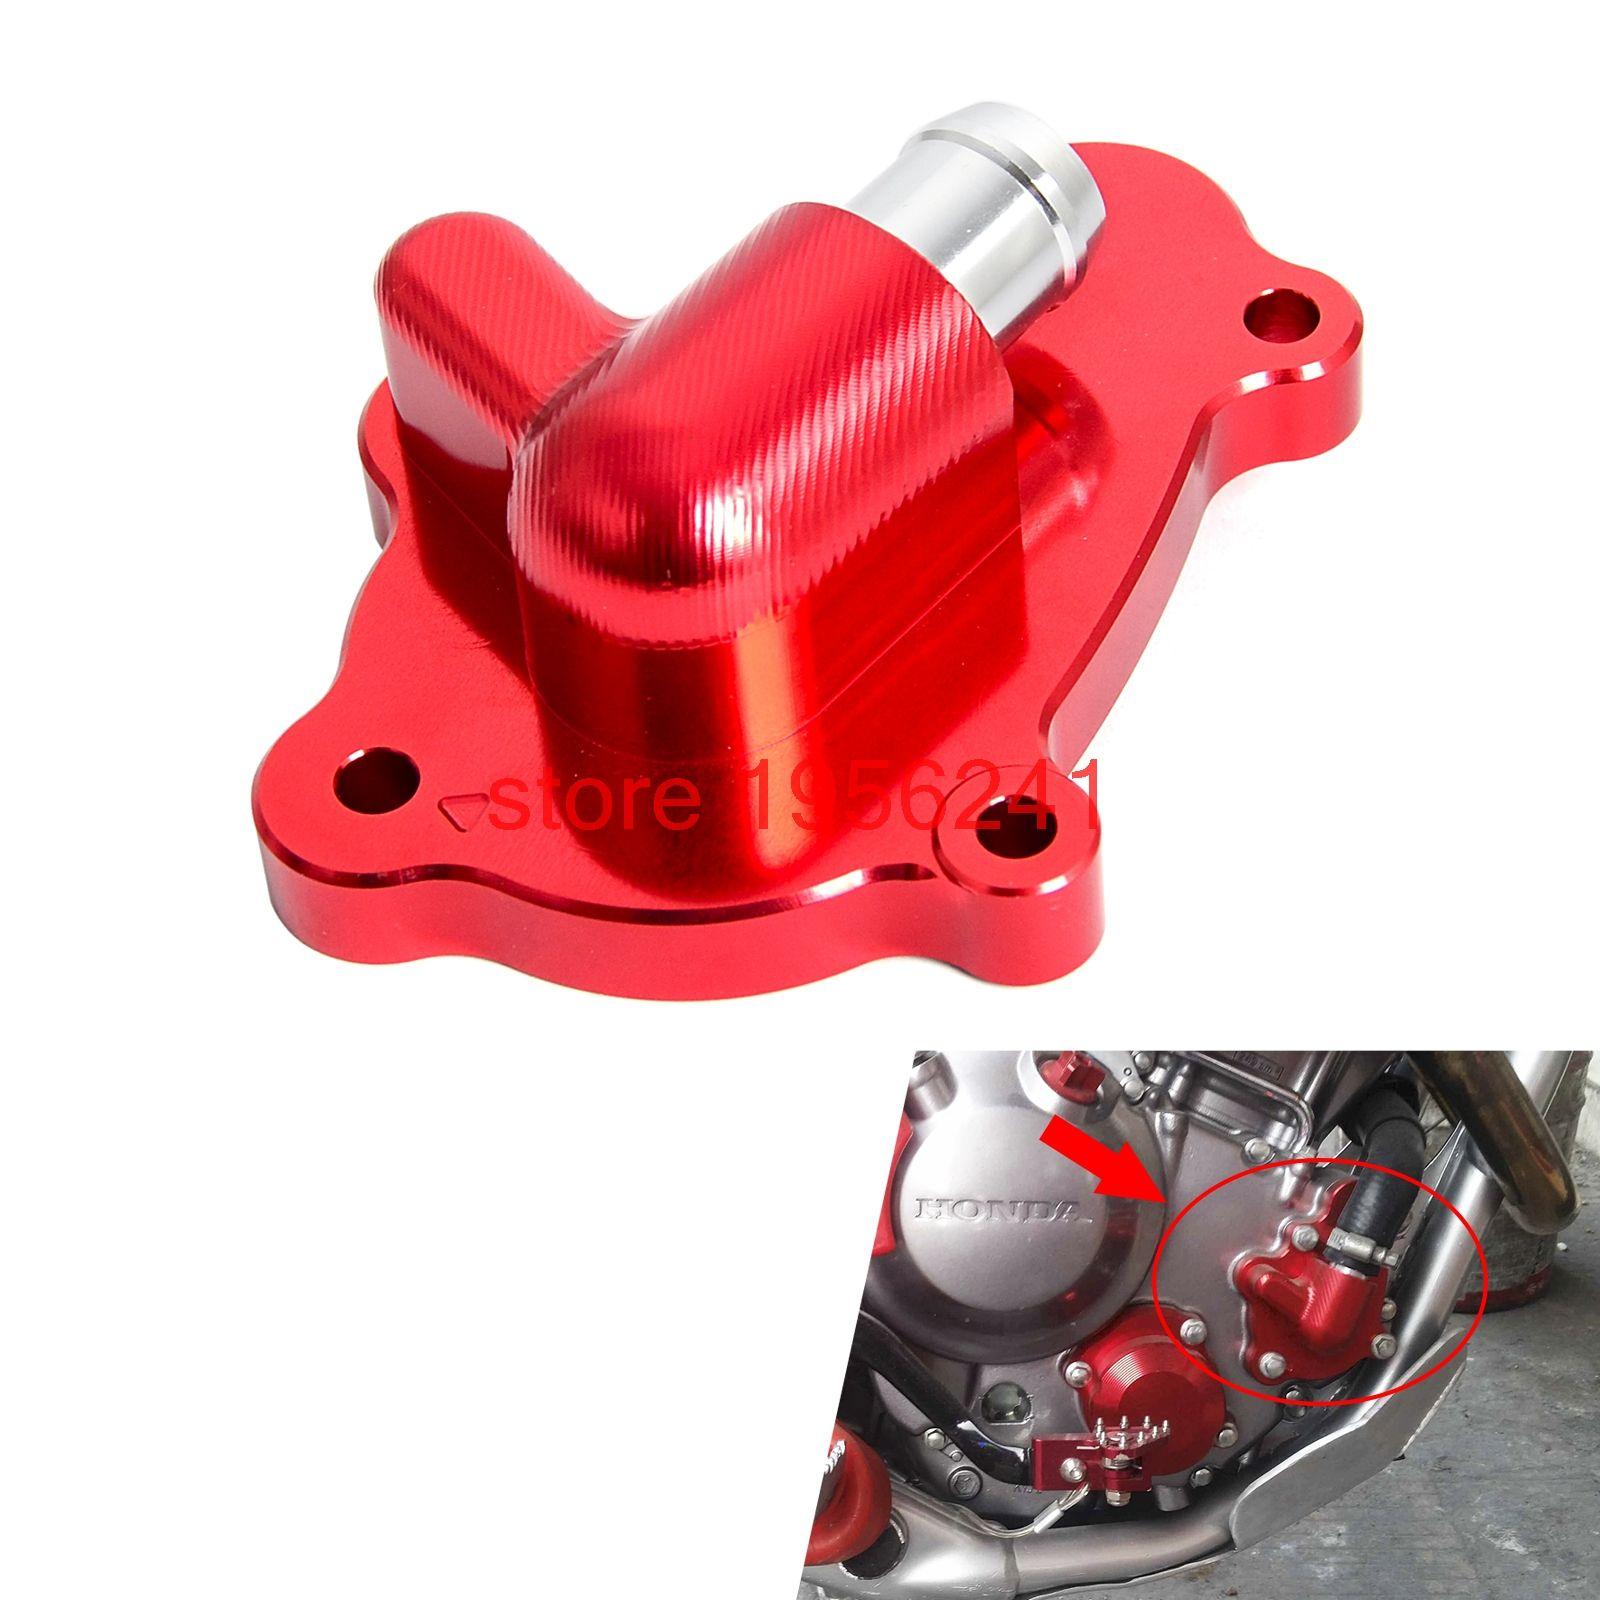 Cnc Billet Aluminum Water Pump Cover Protector For Honda Crf250l Crf250m 2012 2015 2013 2014 Crf250 L M Honda Water Pumps Pumps